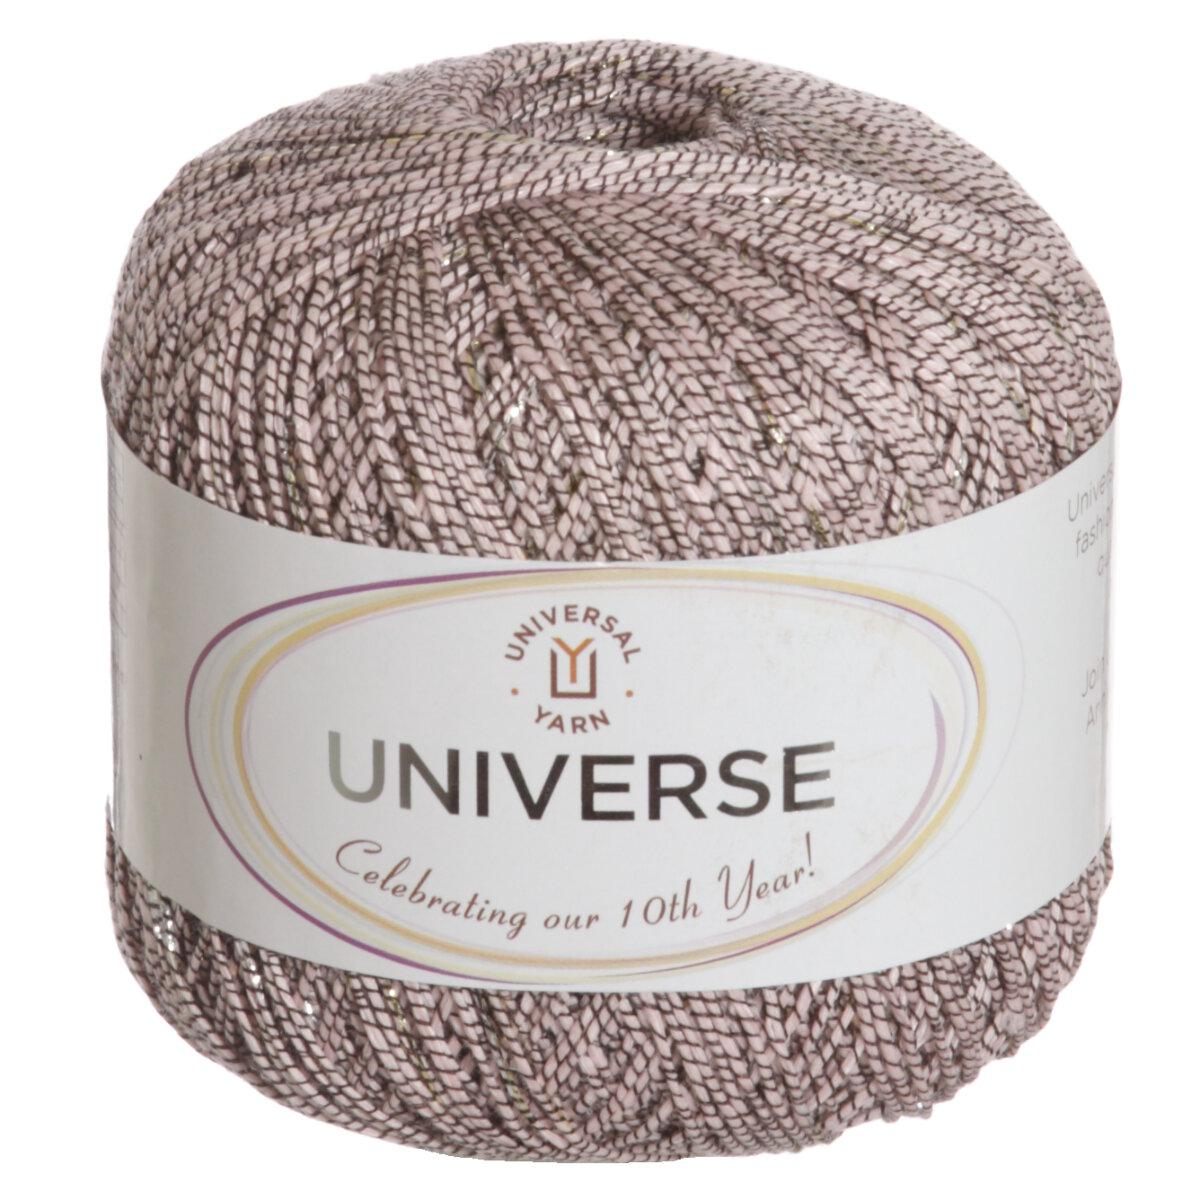 Knitting Universe Store : Universal yarns universe yarn cotton at jimmy beans wool